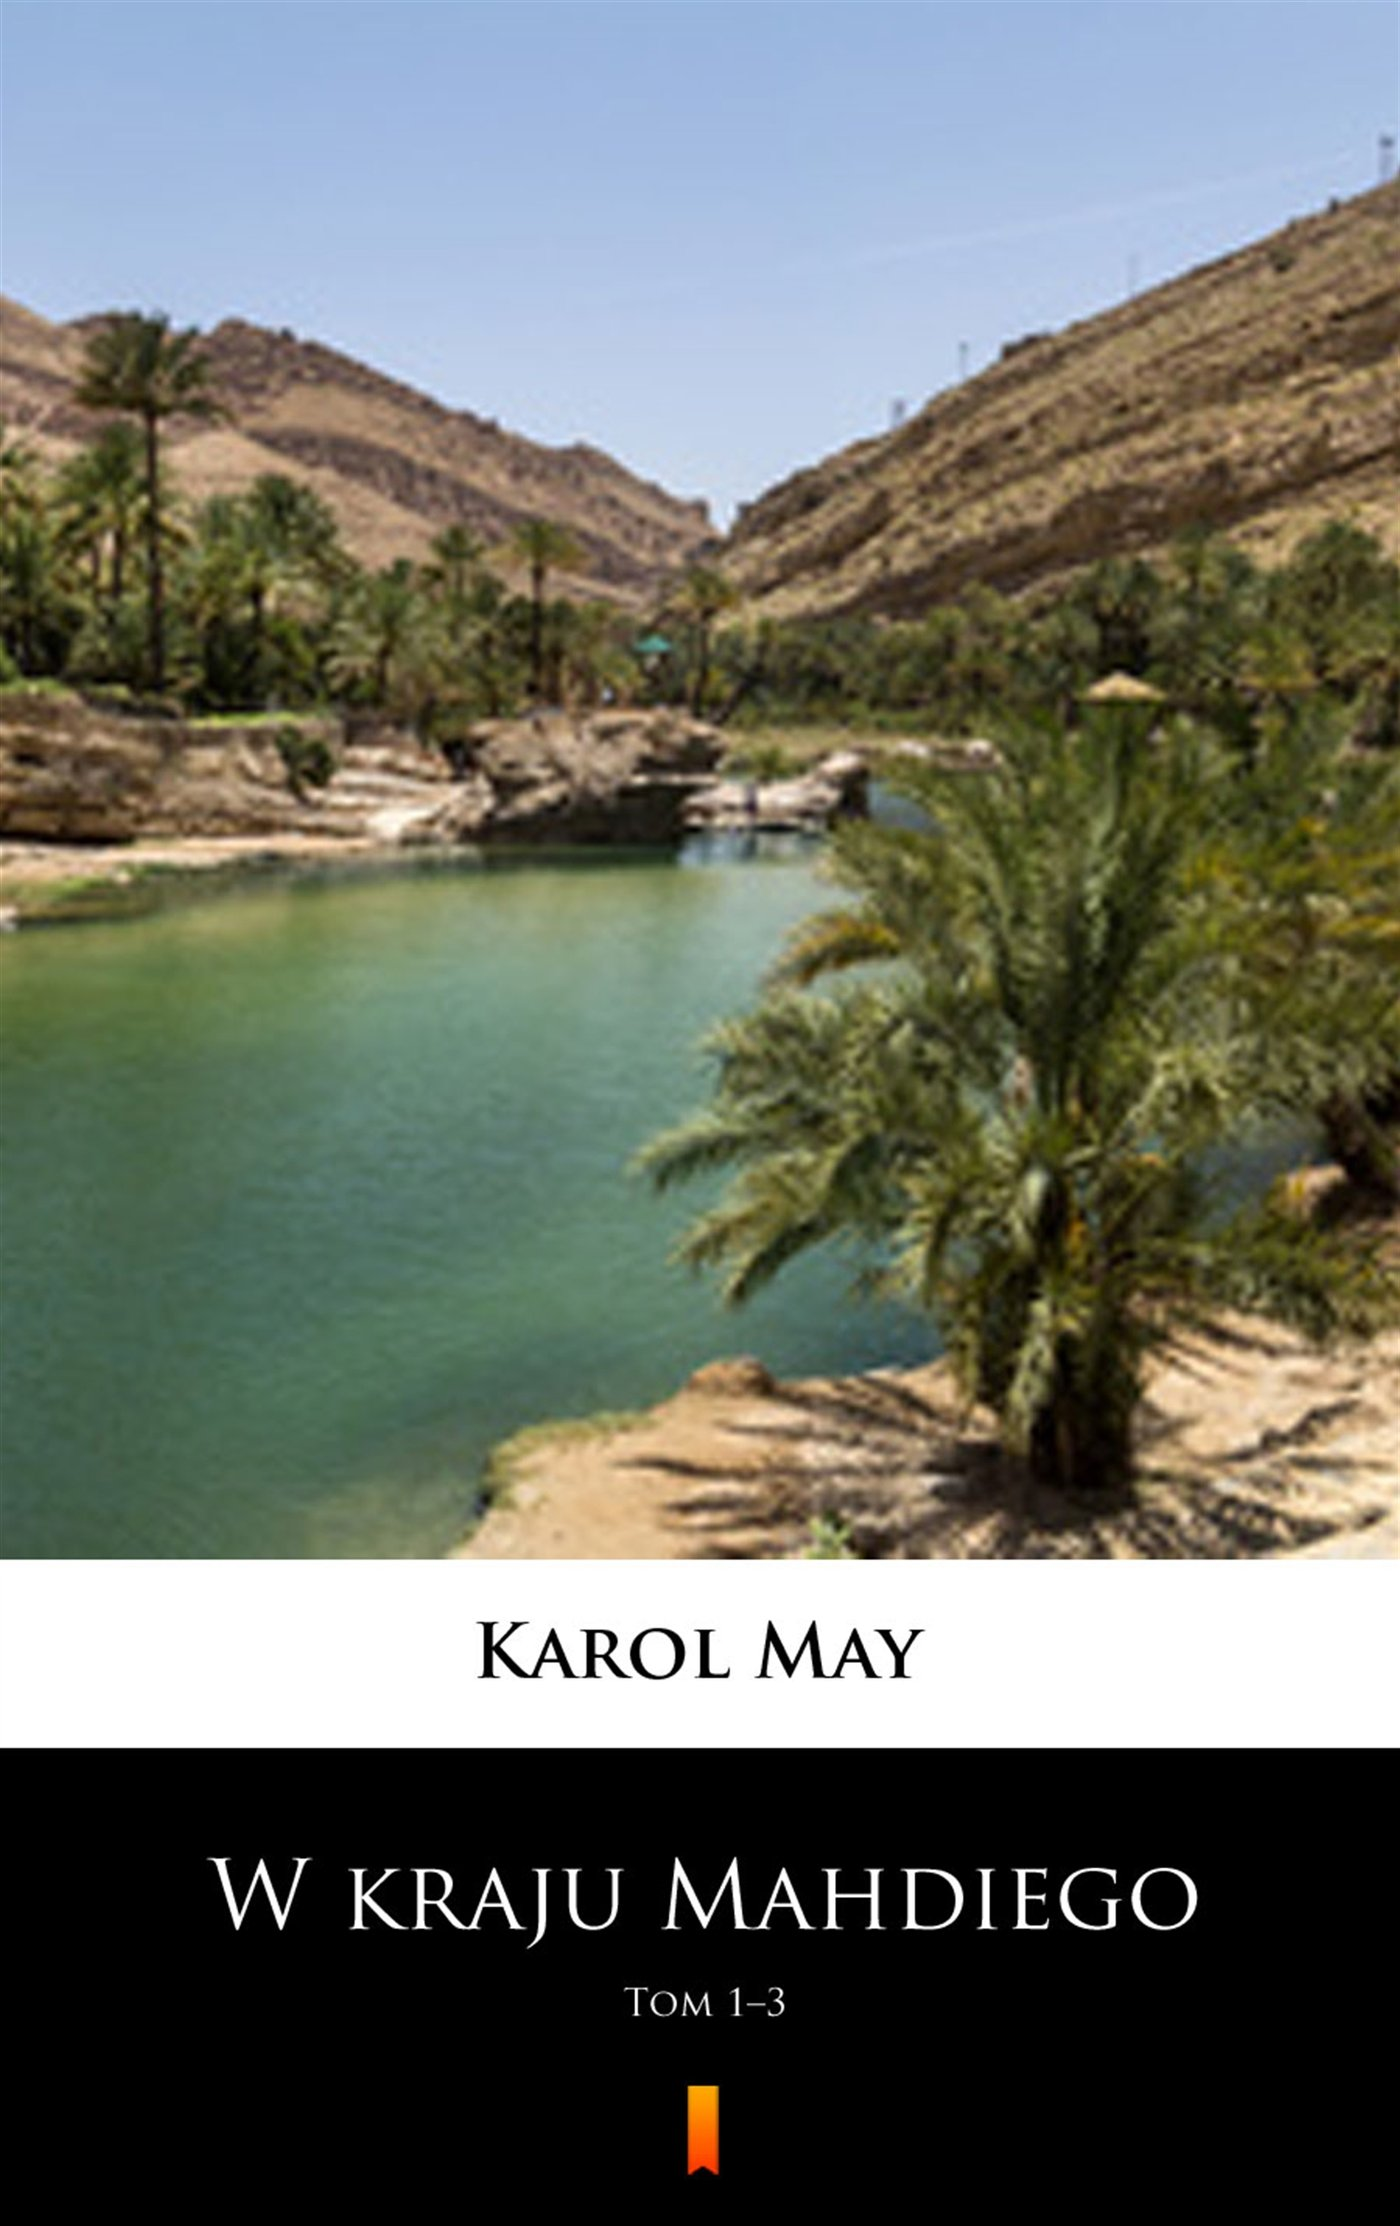 W kraju Mahdiego. Tom 1–3 - Ebook (Książka EPUB) do pobrania w formacie EPUB